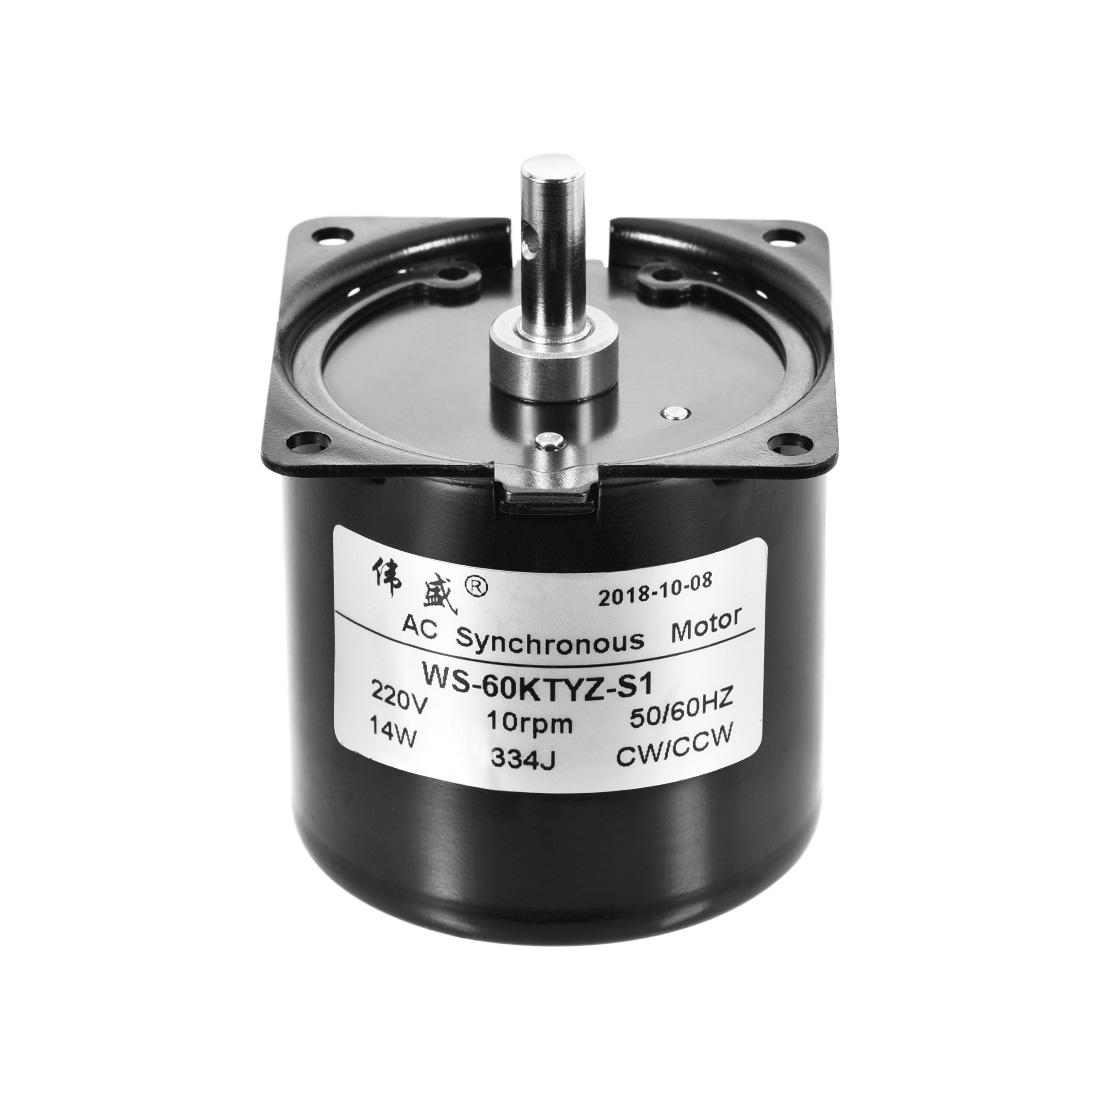 WS-60KTYZ-S1 AC Synchronous Gear Motor 220V 10RPM 14W CW/CCW